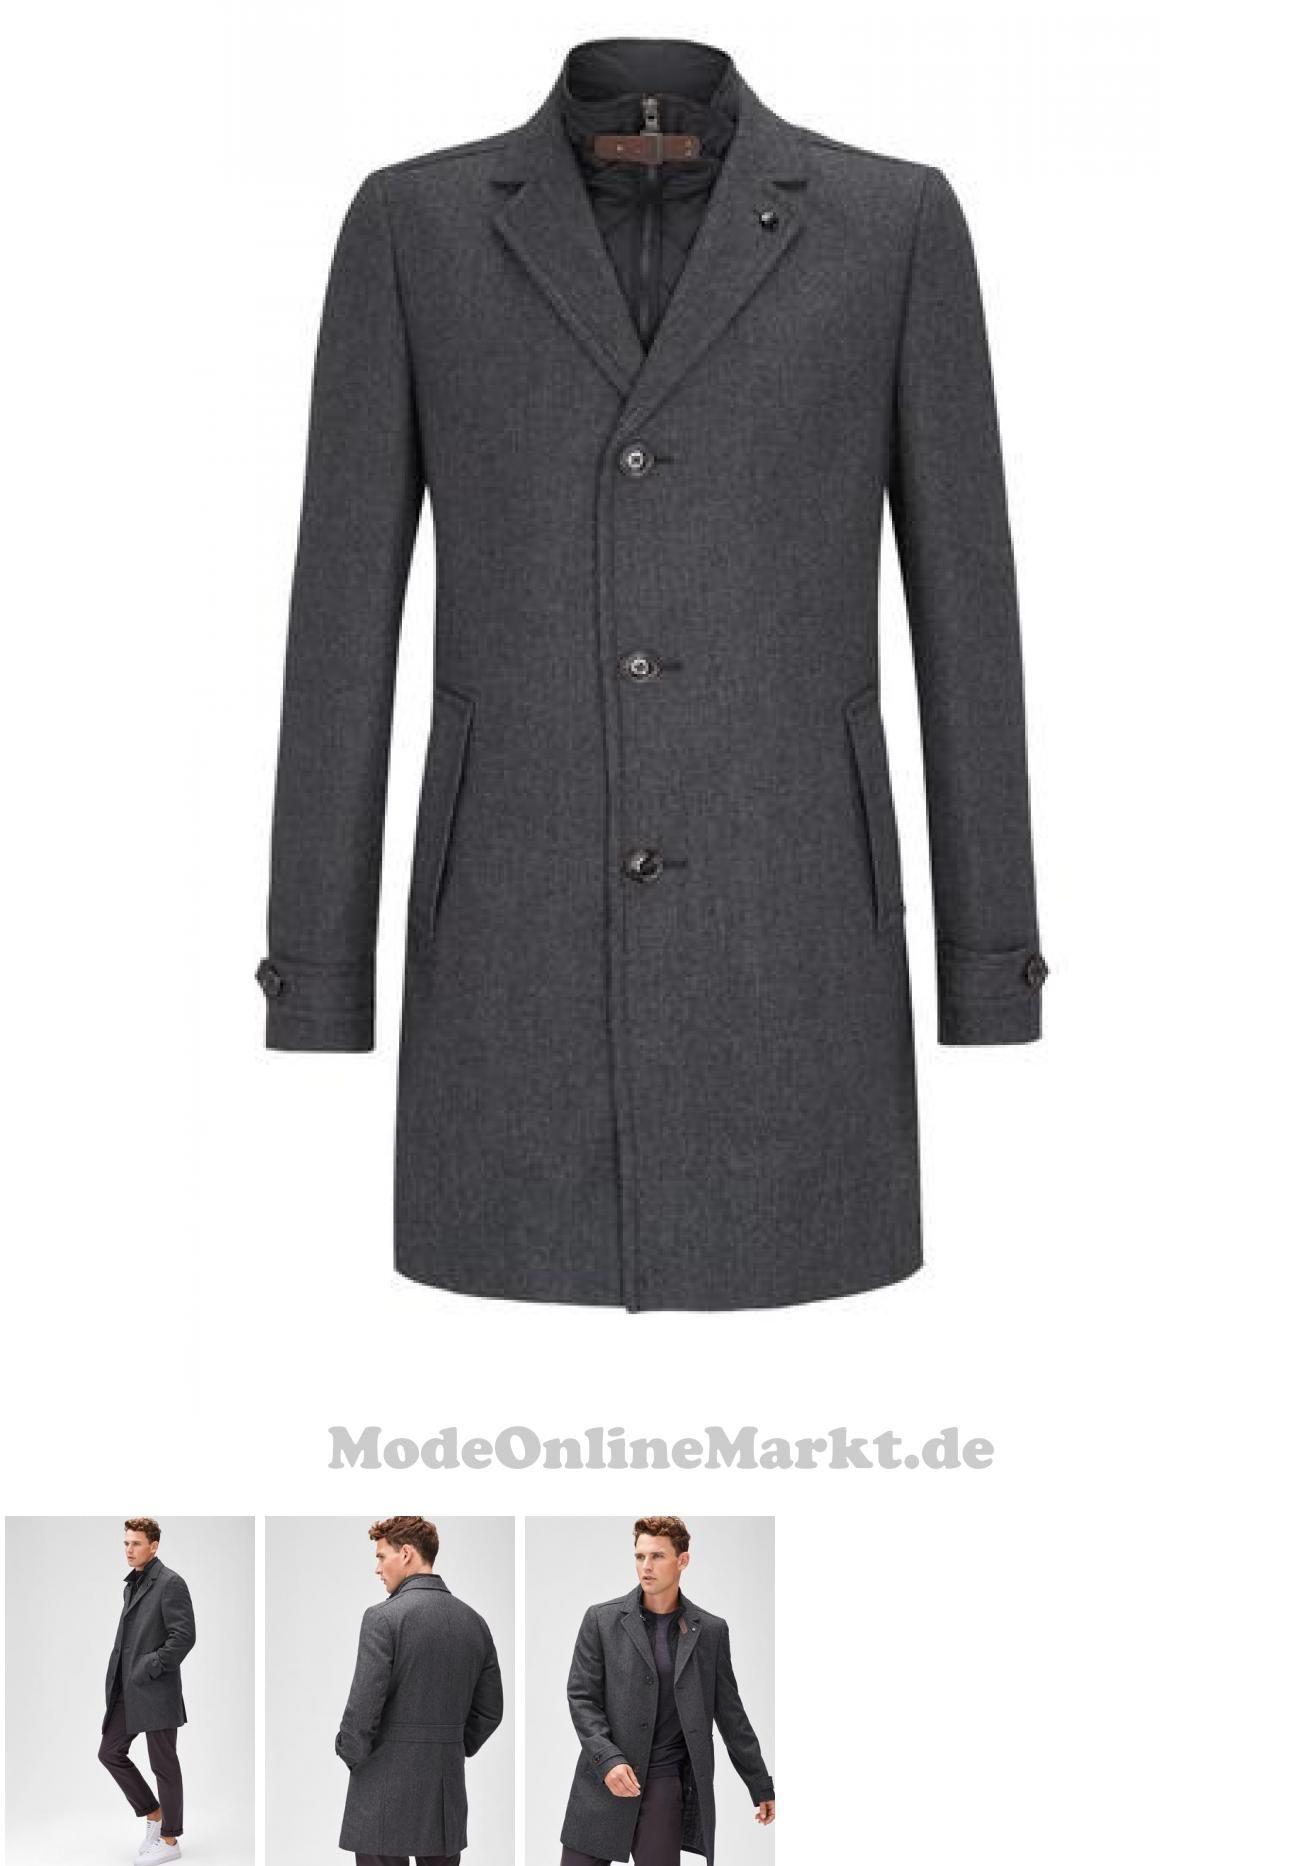 Pin auf Jacken & Mäntel für Herren